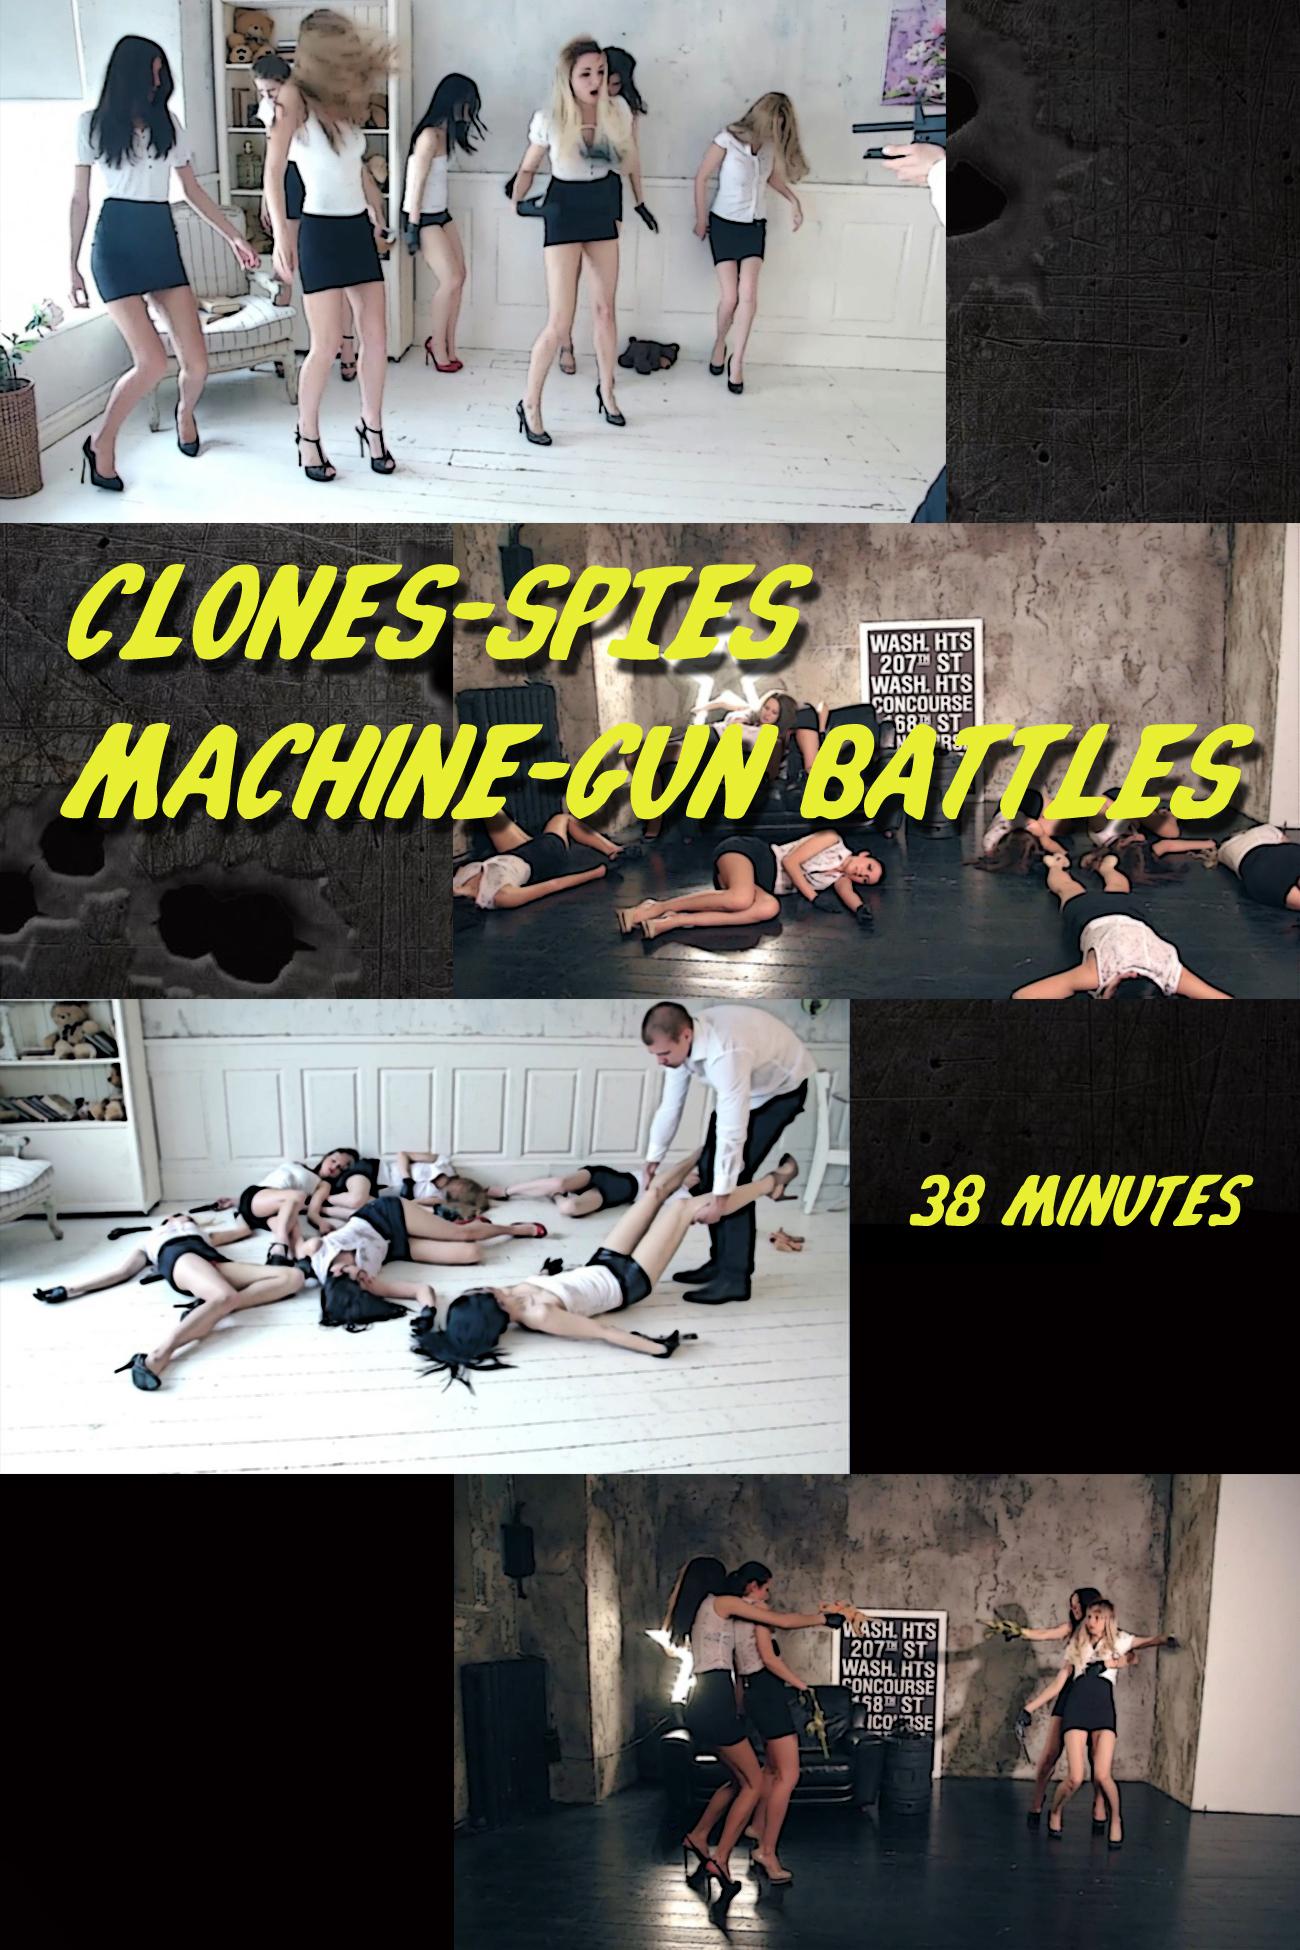 Clones Spies Battles